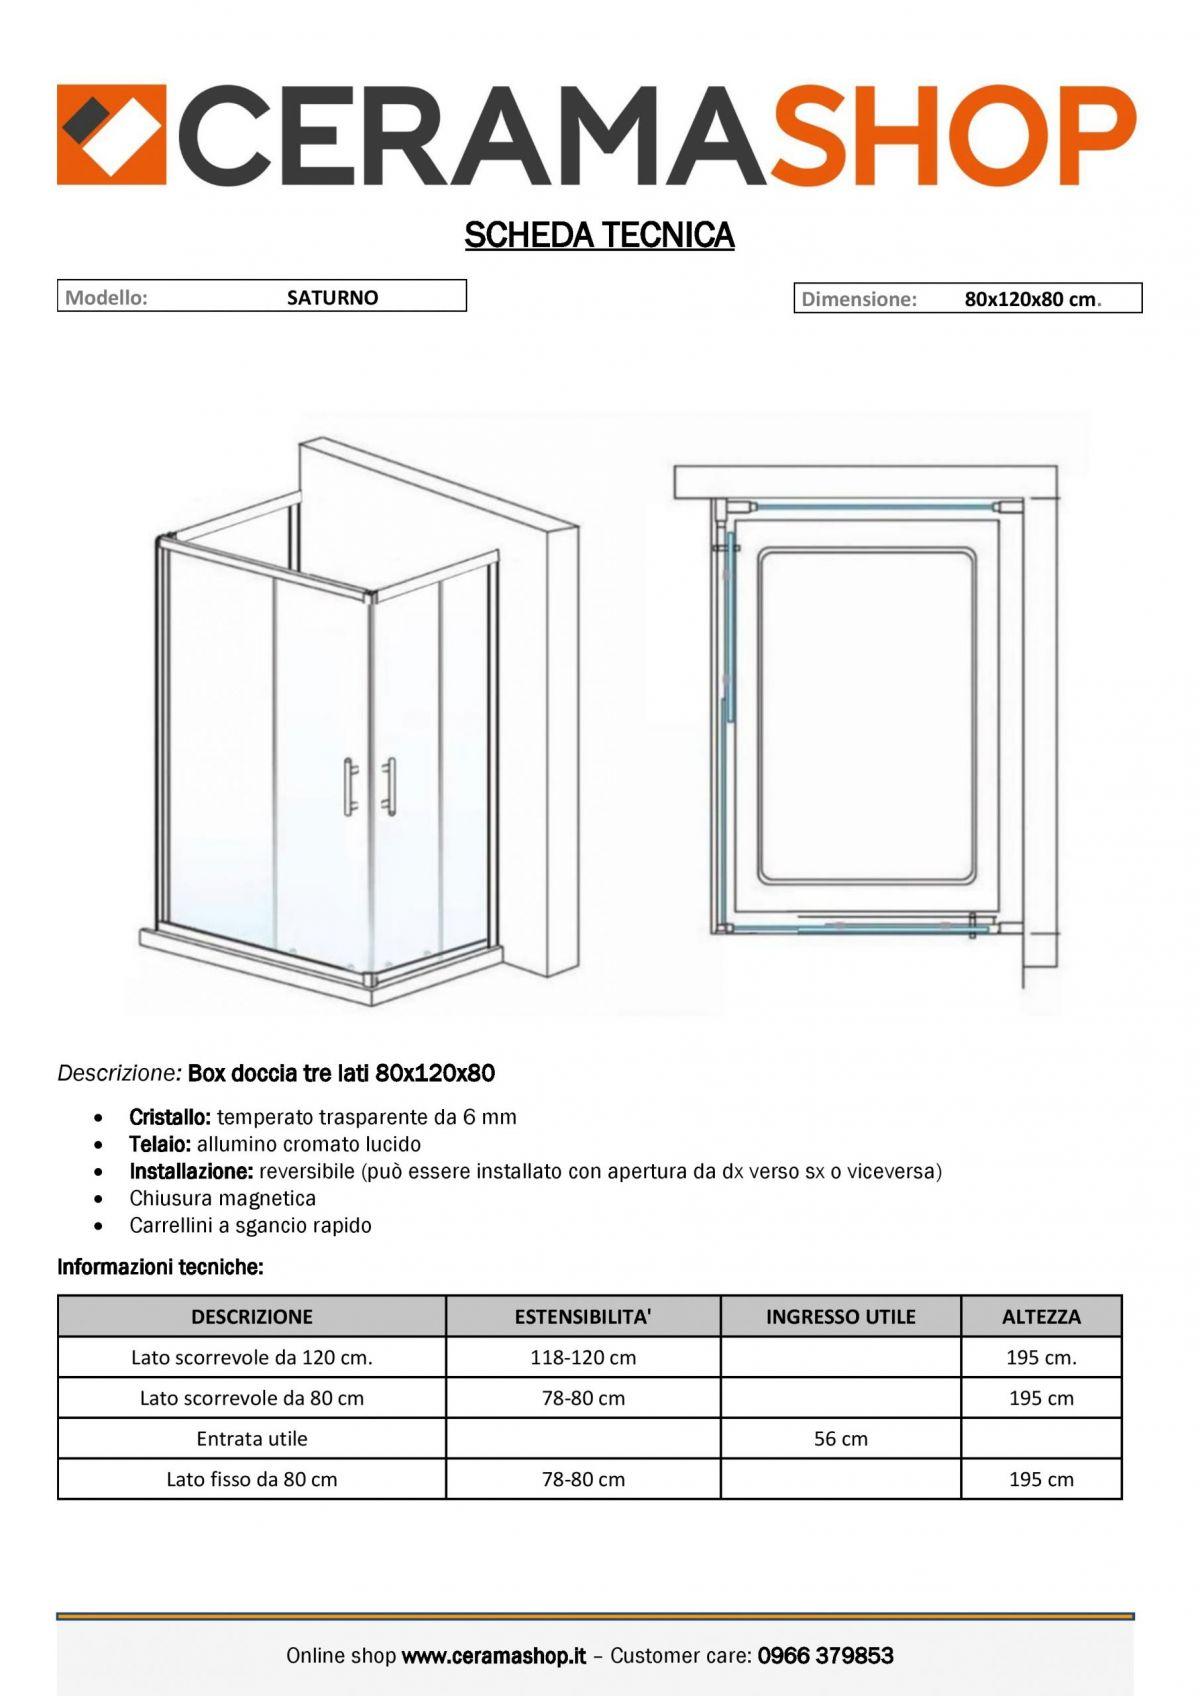 """80x120x80 0001 scaled Box doccia tre lati """"Saturno"""" 80x120x80 cm scorrevole cristallo trasparente 6 mm"""